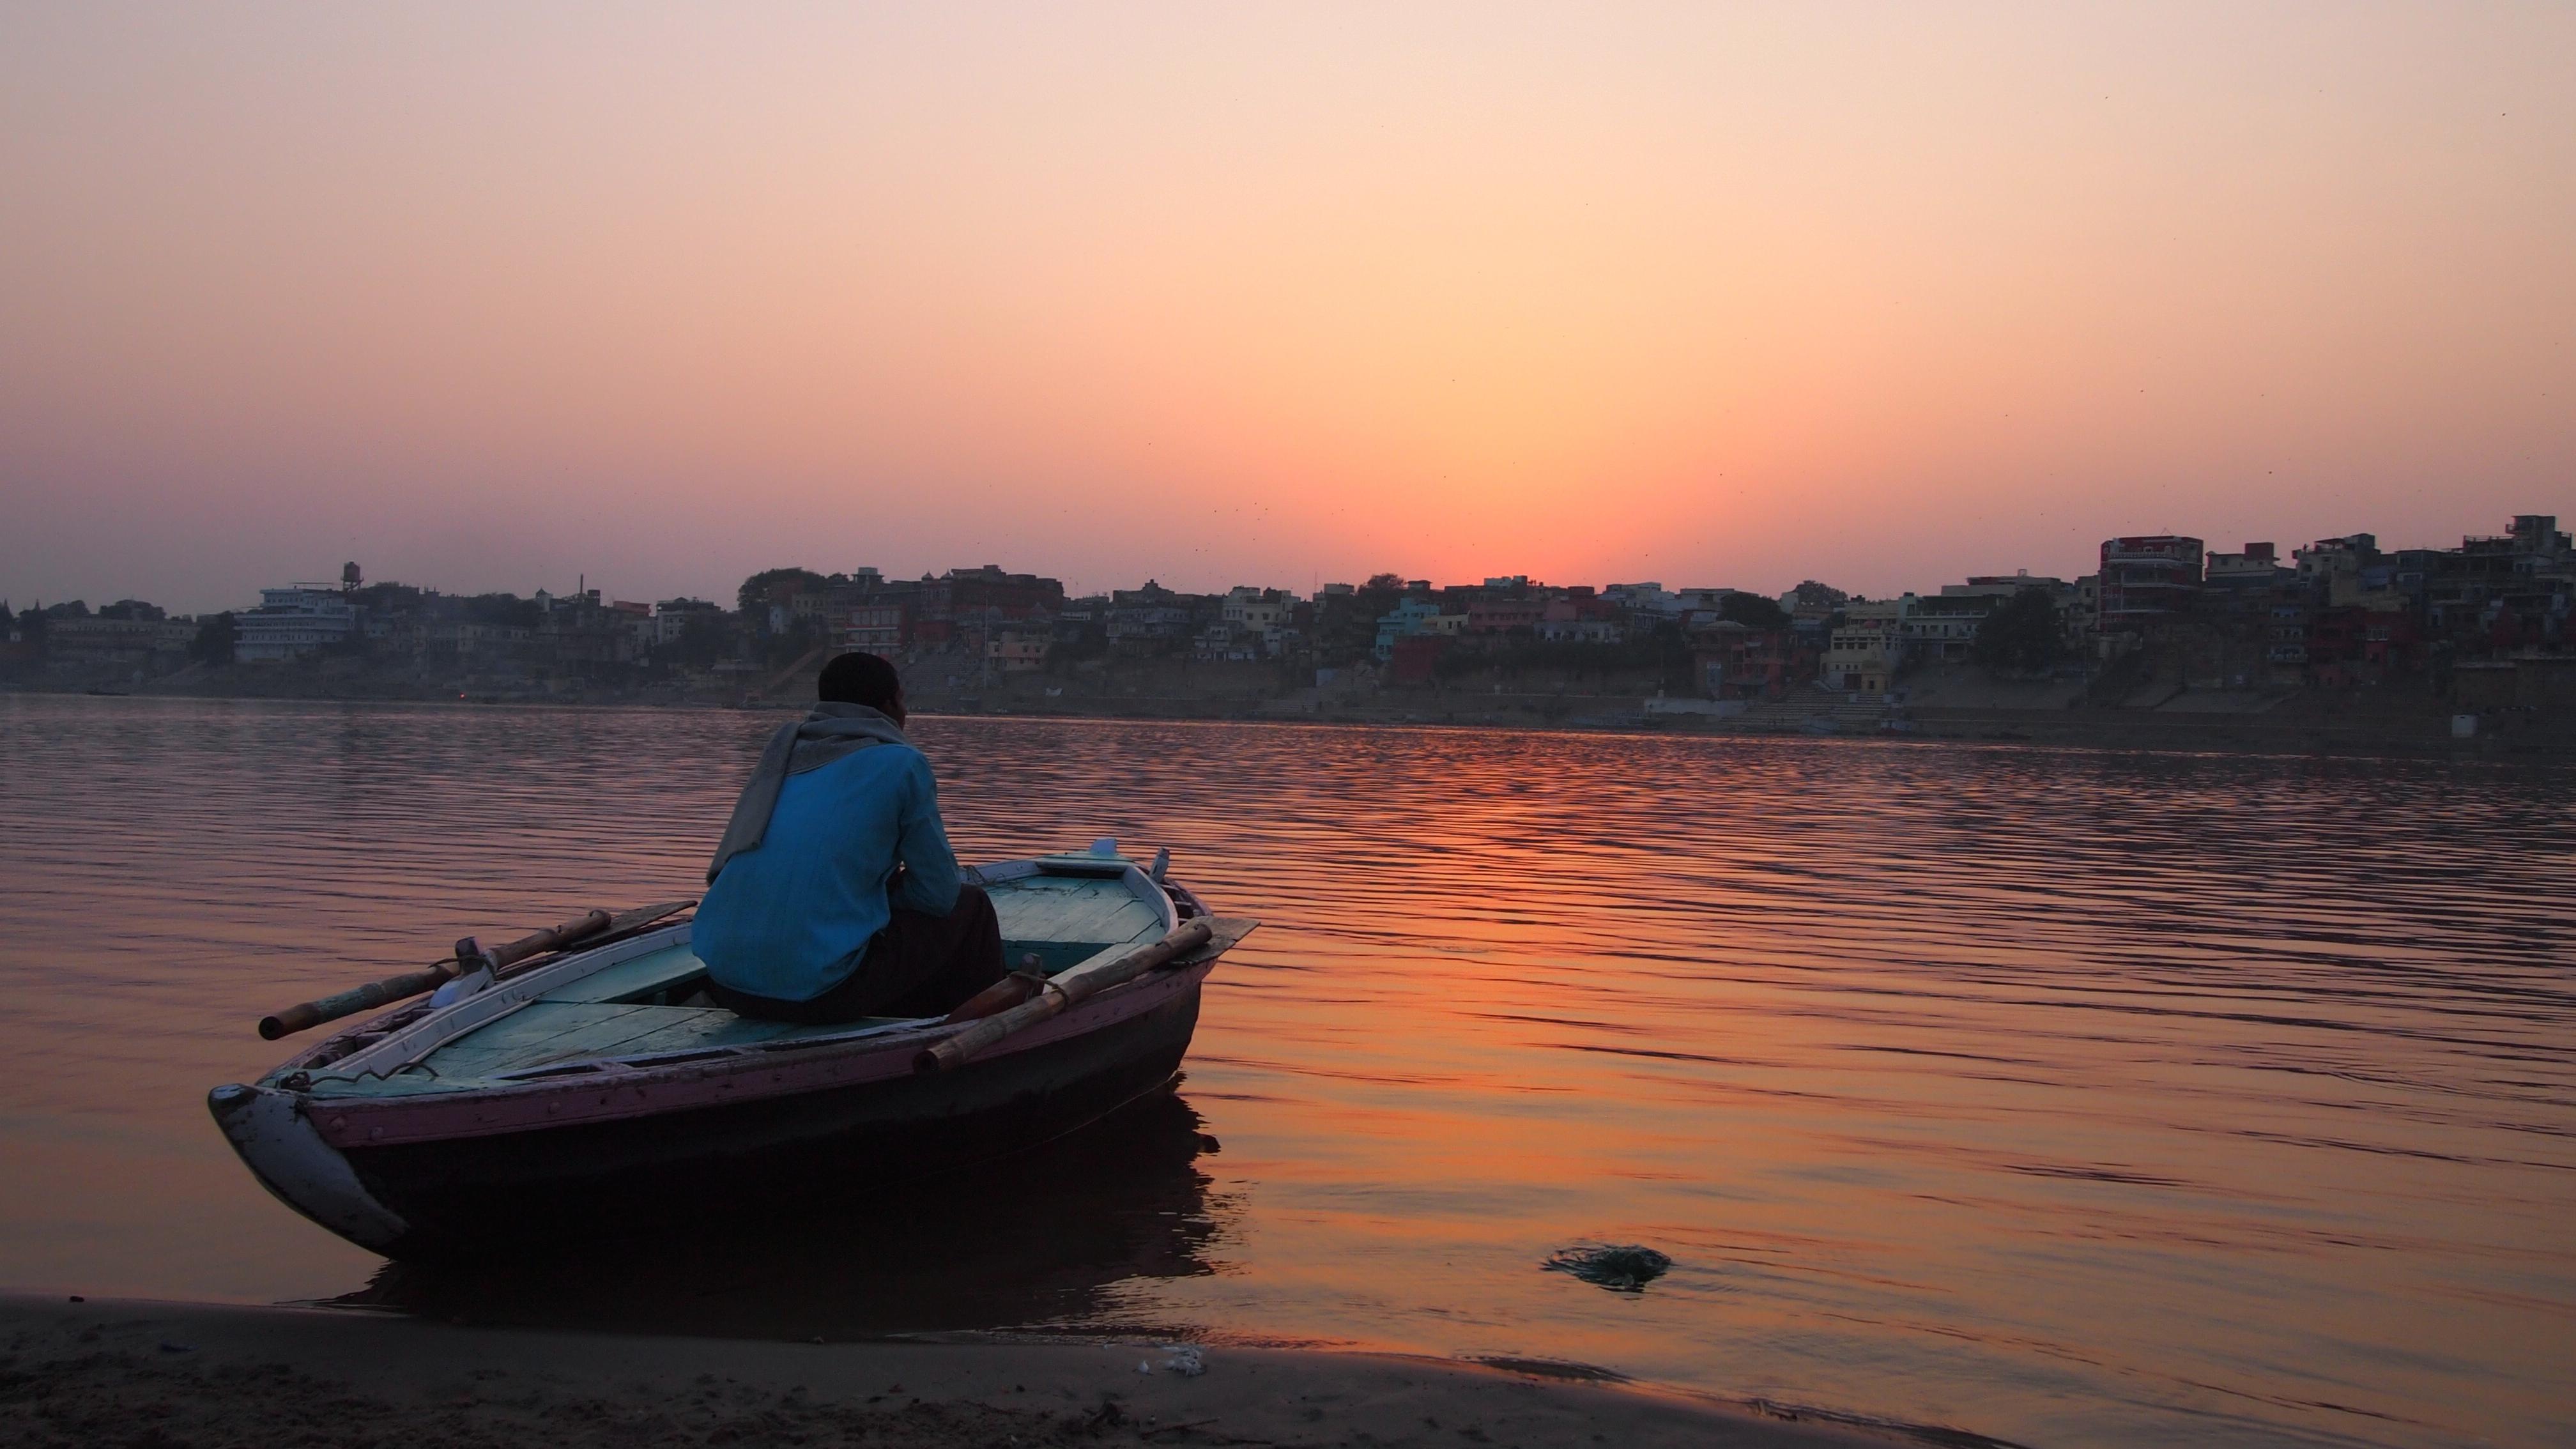 ガンジス川。ボート漕ぎのおじさんと。